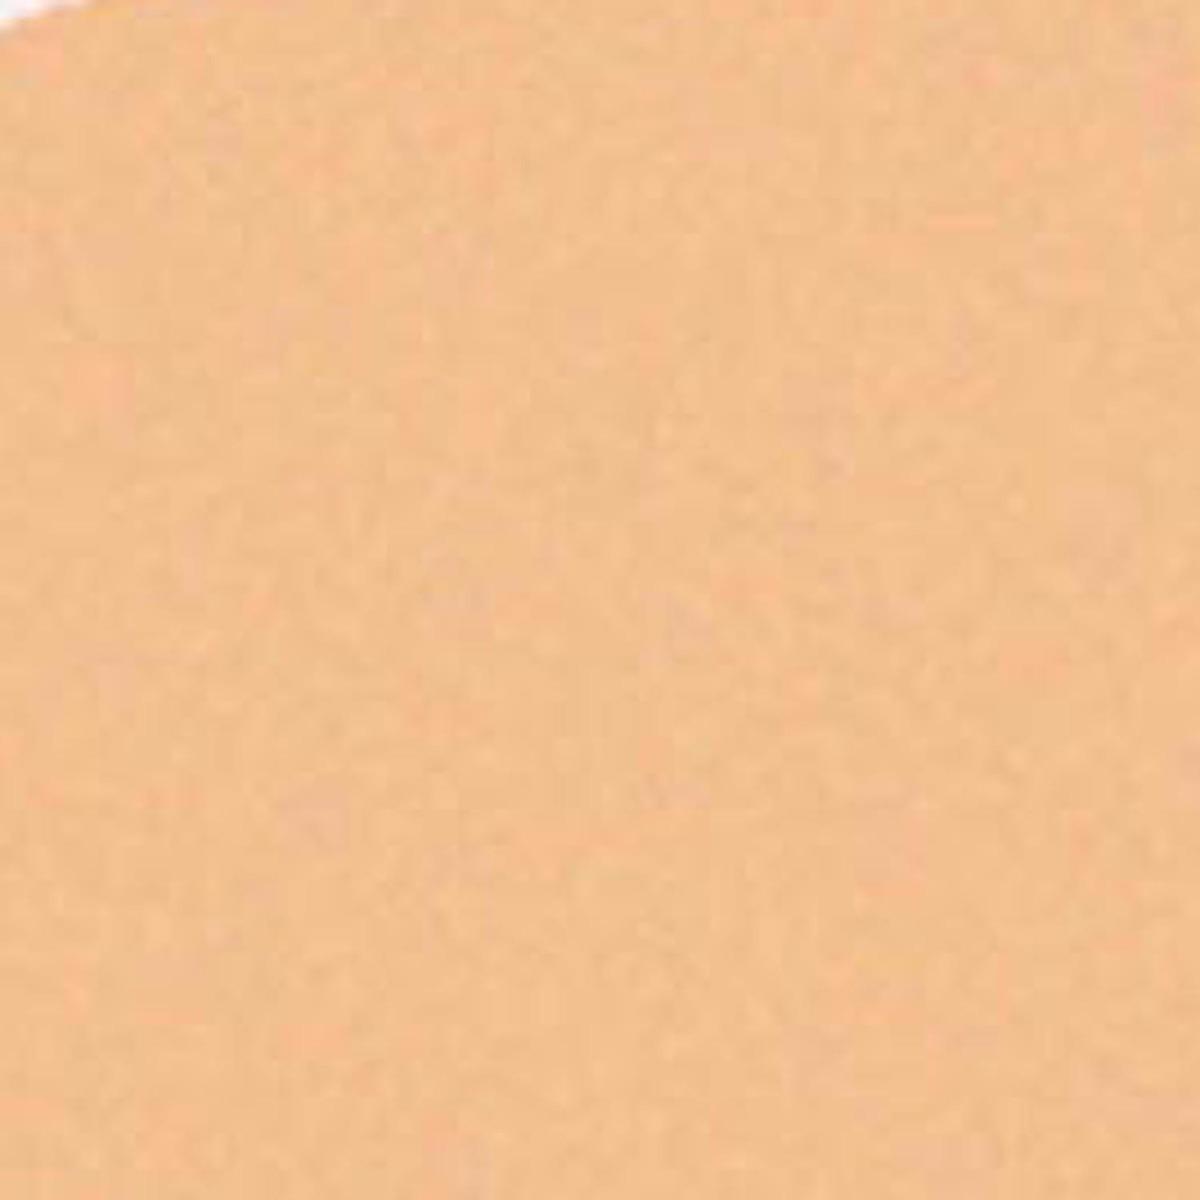 base one step new complexion sand beige 03 revlon r 54 90 em mercado livre. Black Bedroom Furniture Sets. Home Design Ideas